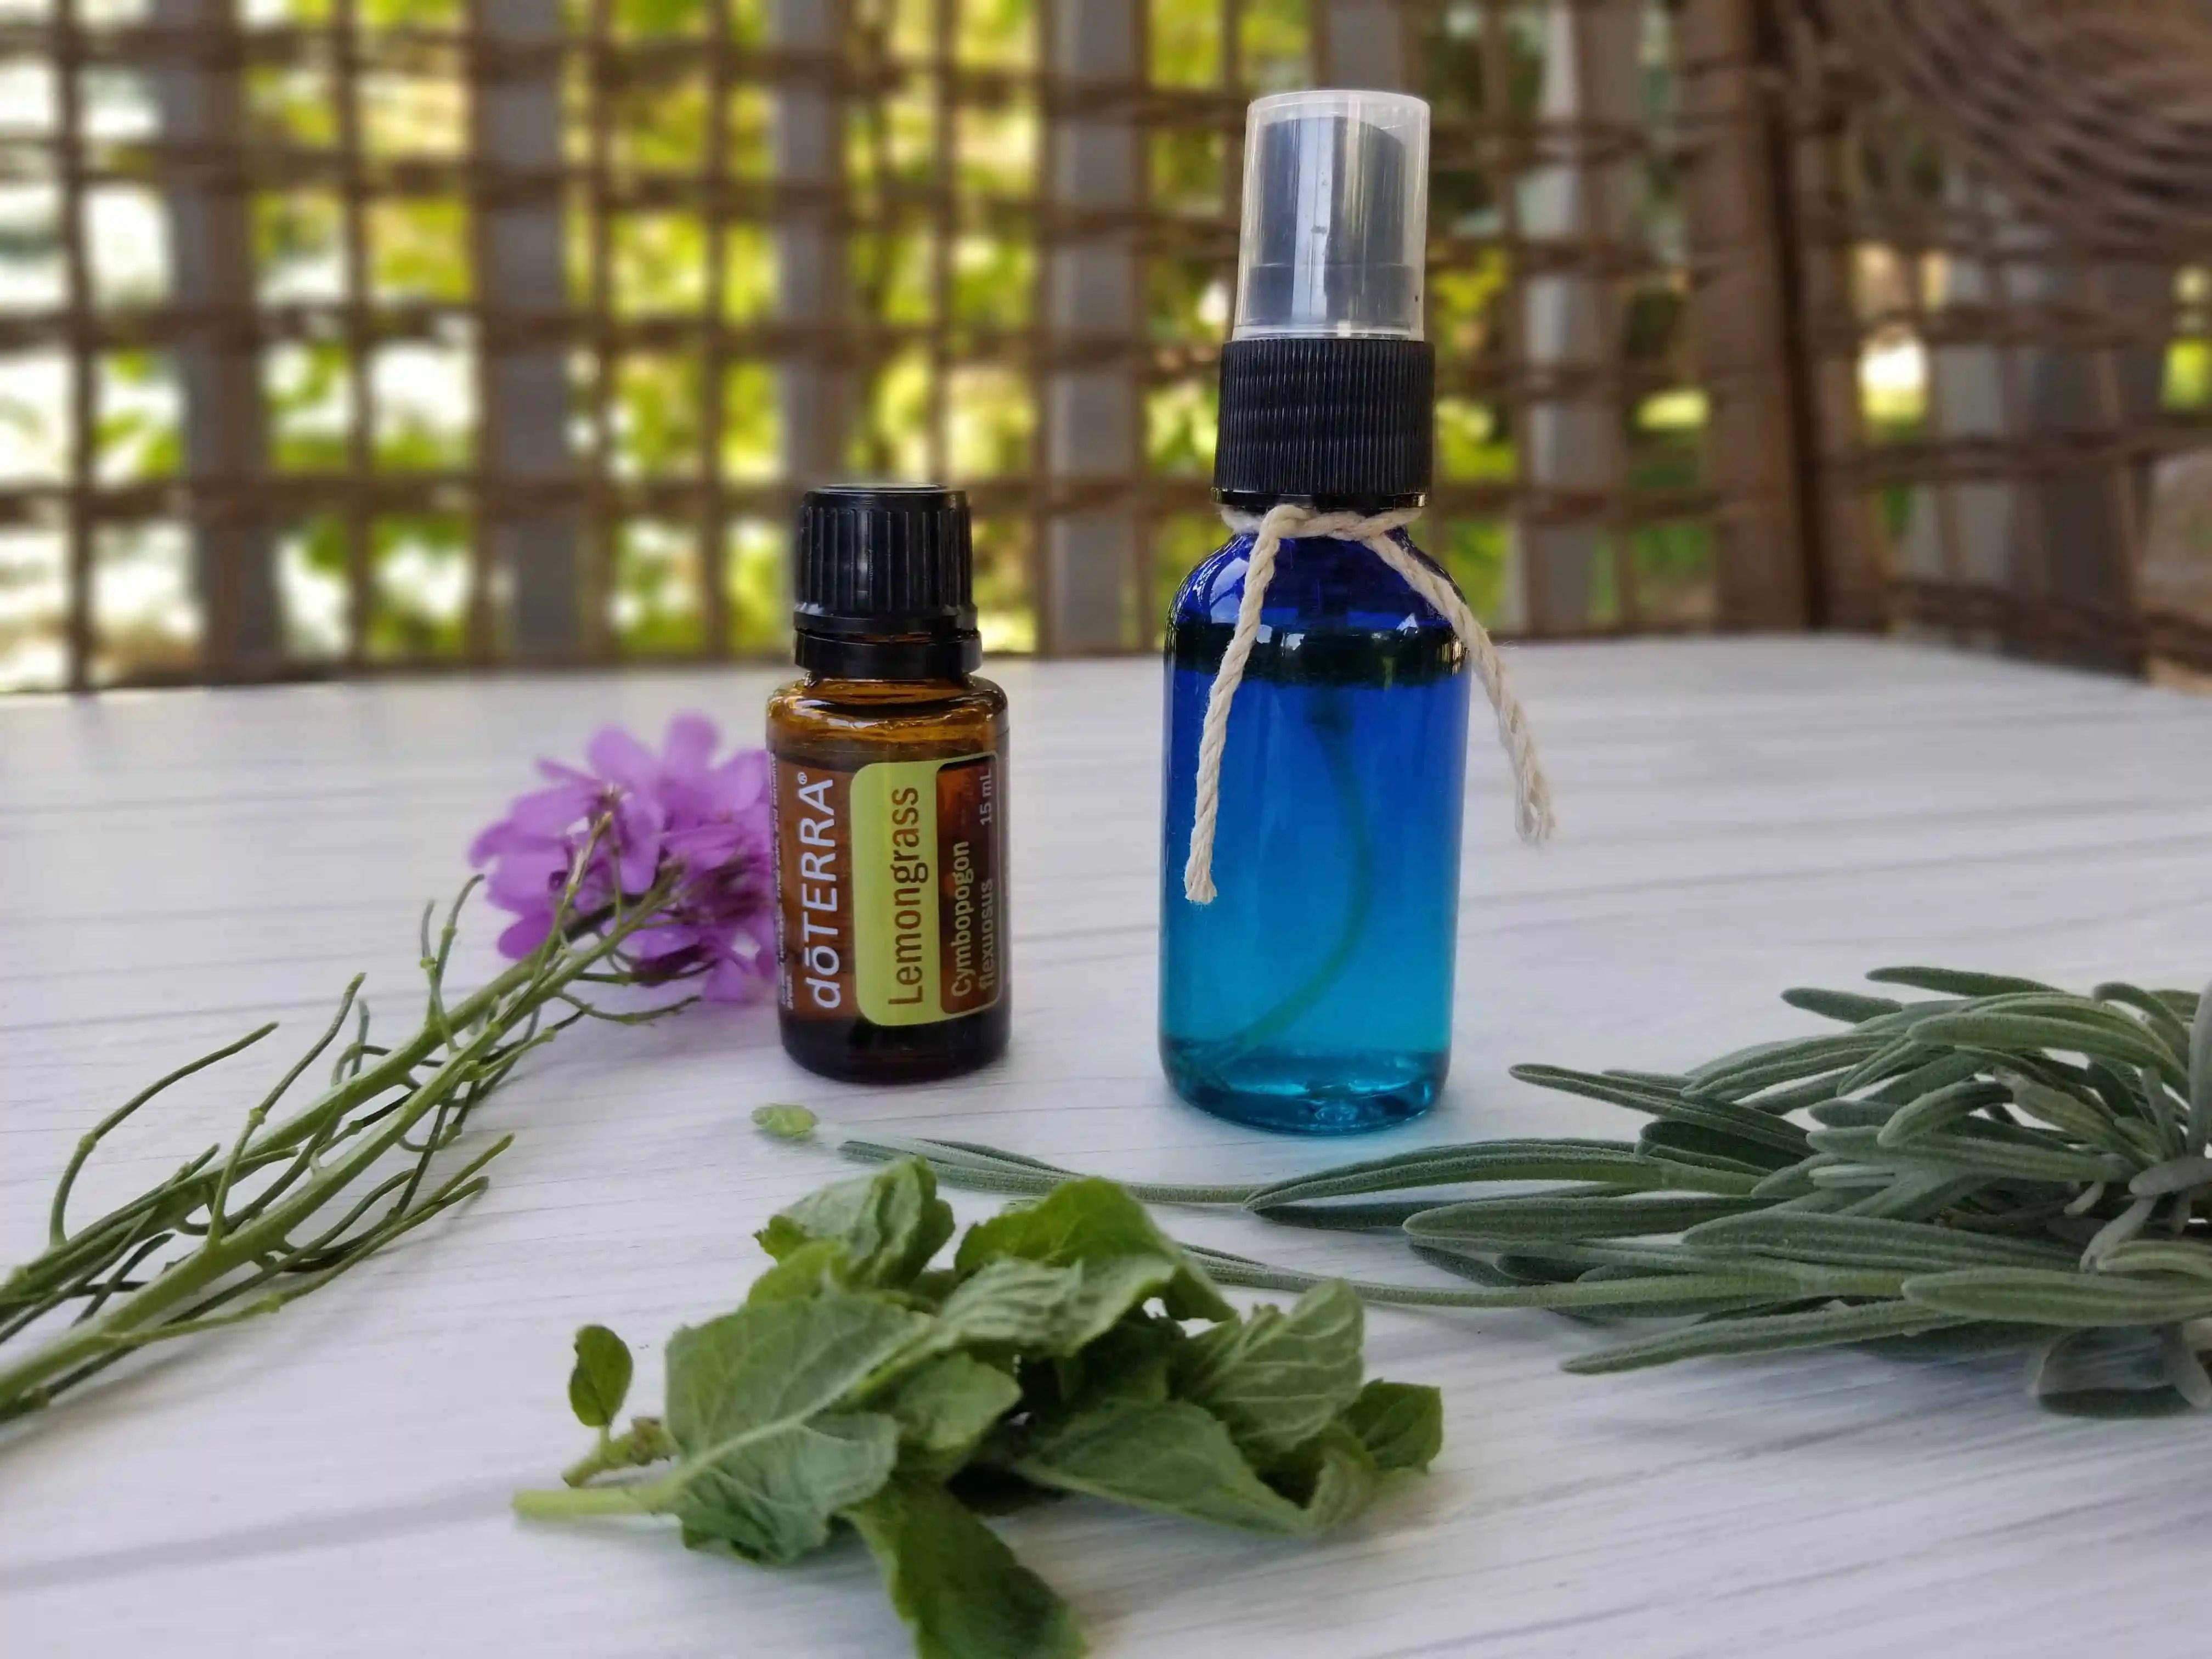 blue spray bottle, lemongrass essential oil bottle and greenery